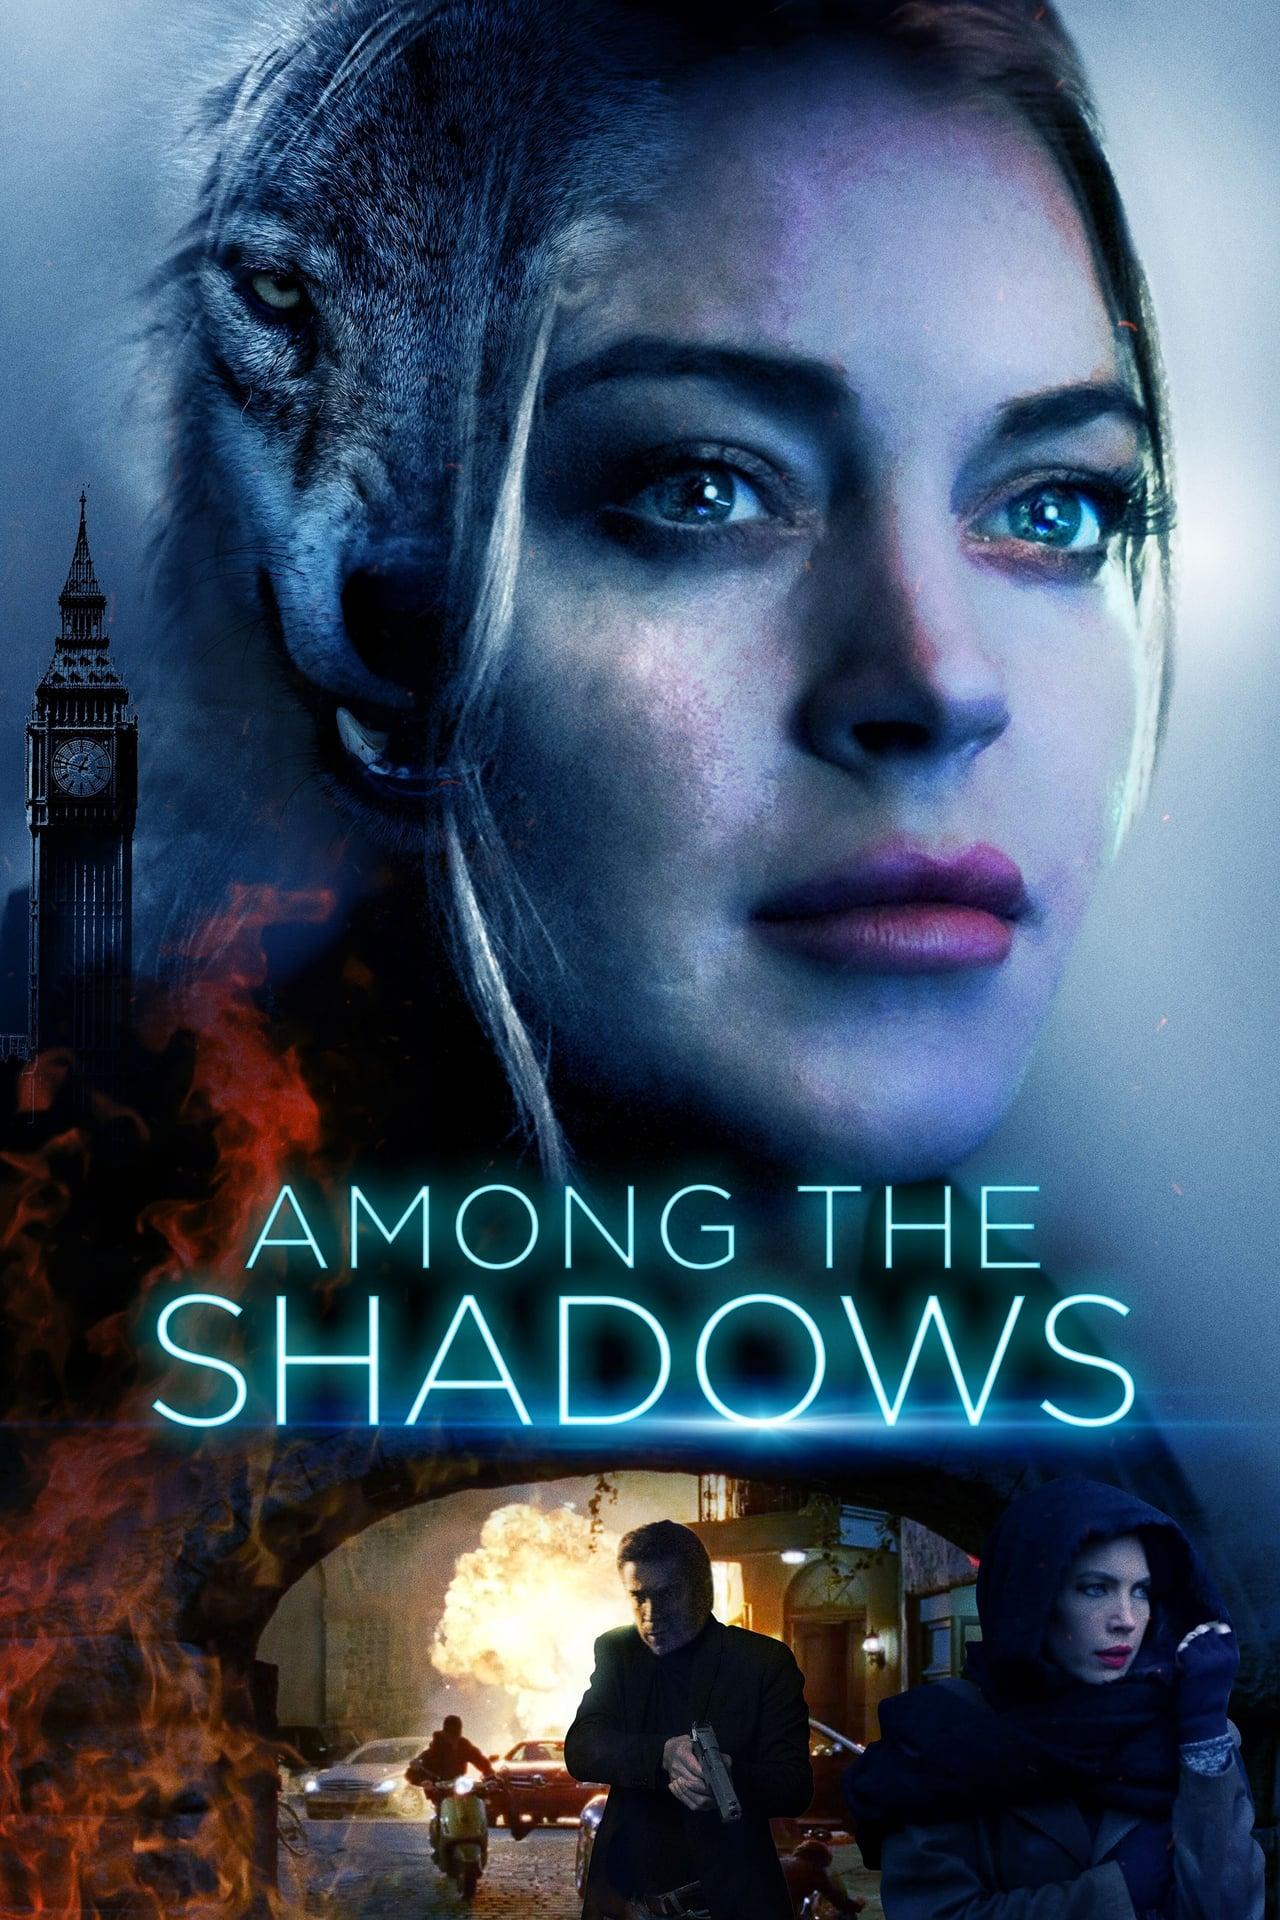 Among The Shadows image